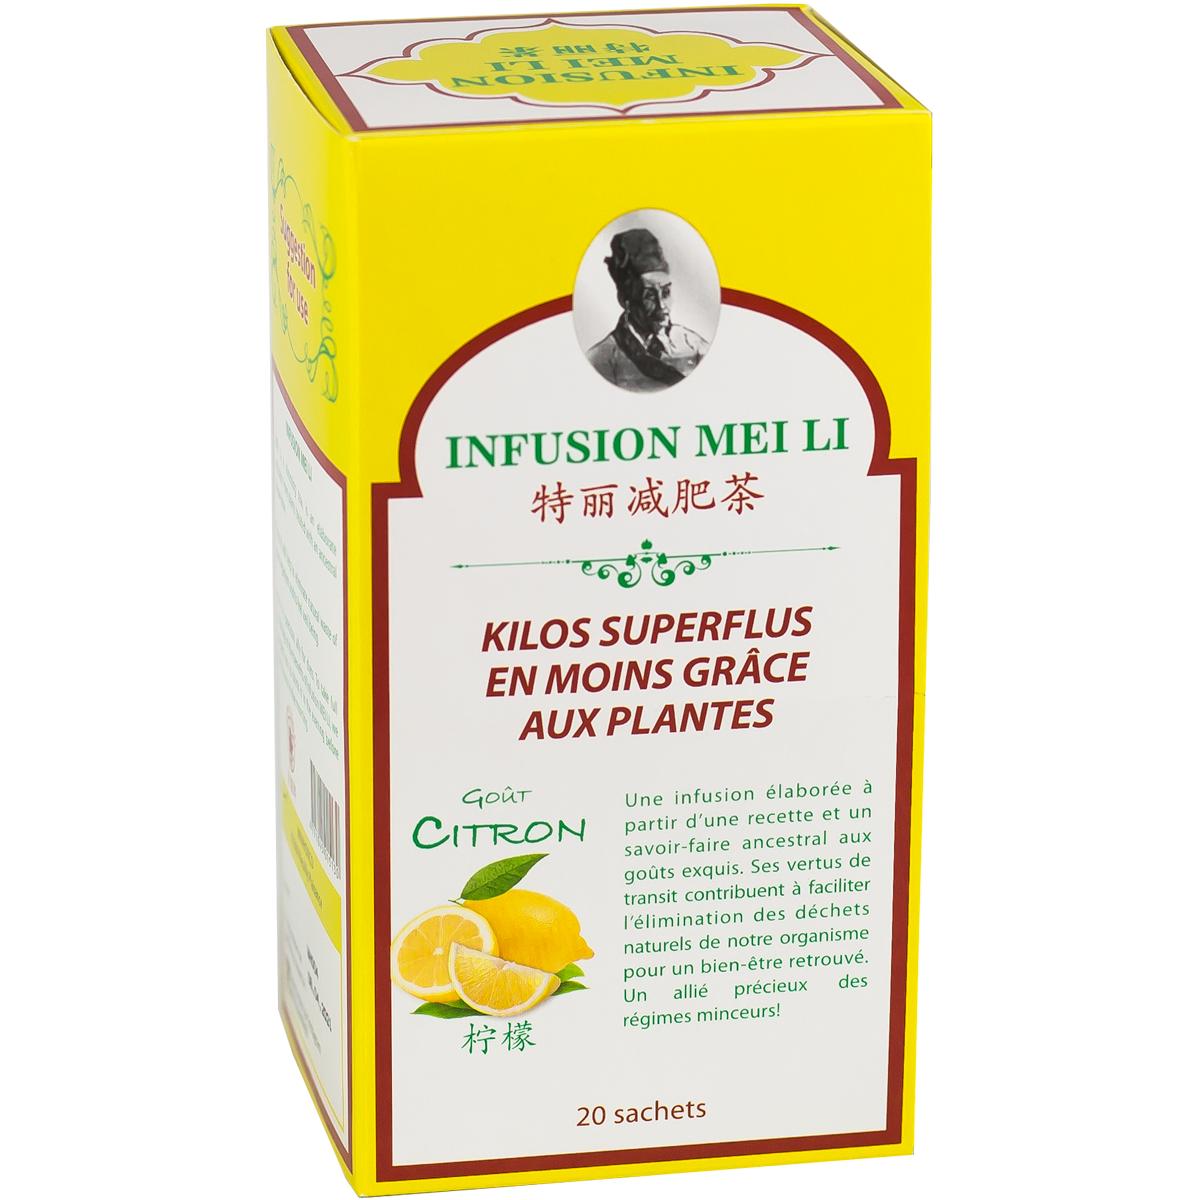 Infusion Meili - Kilos Superflus en Moins Image